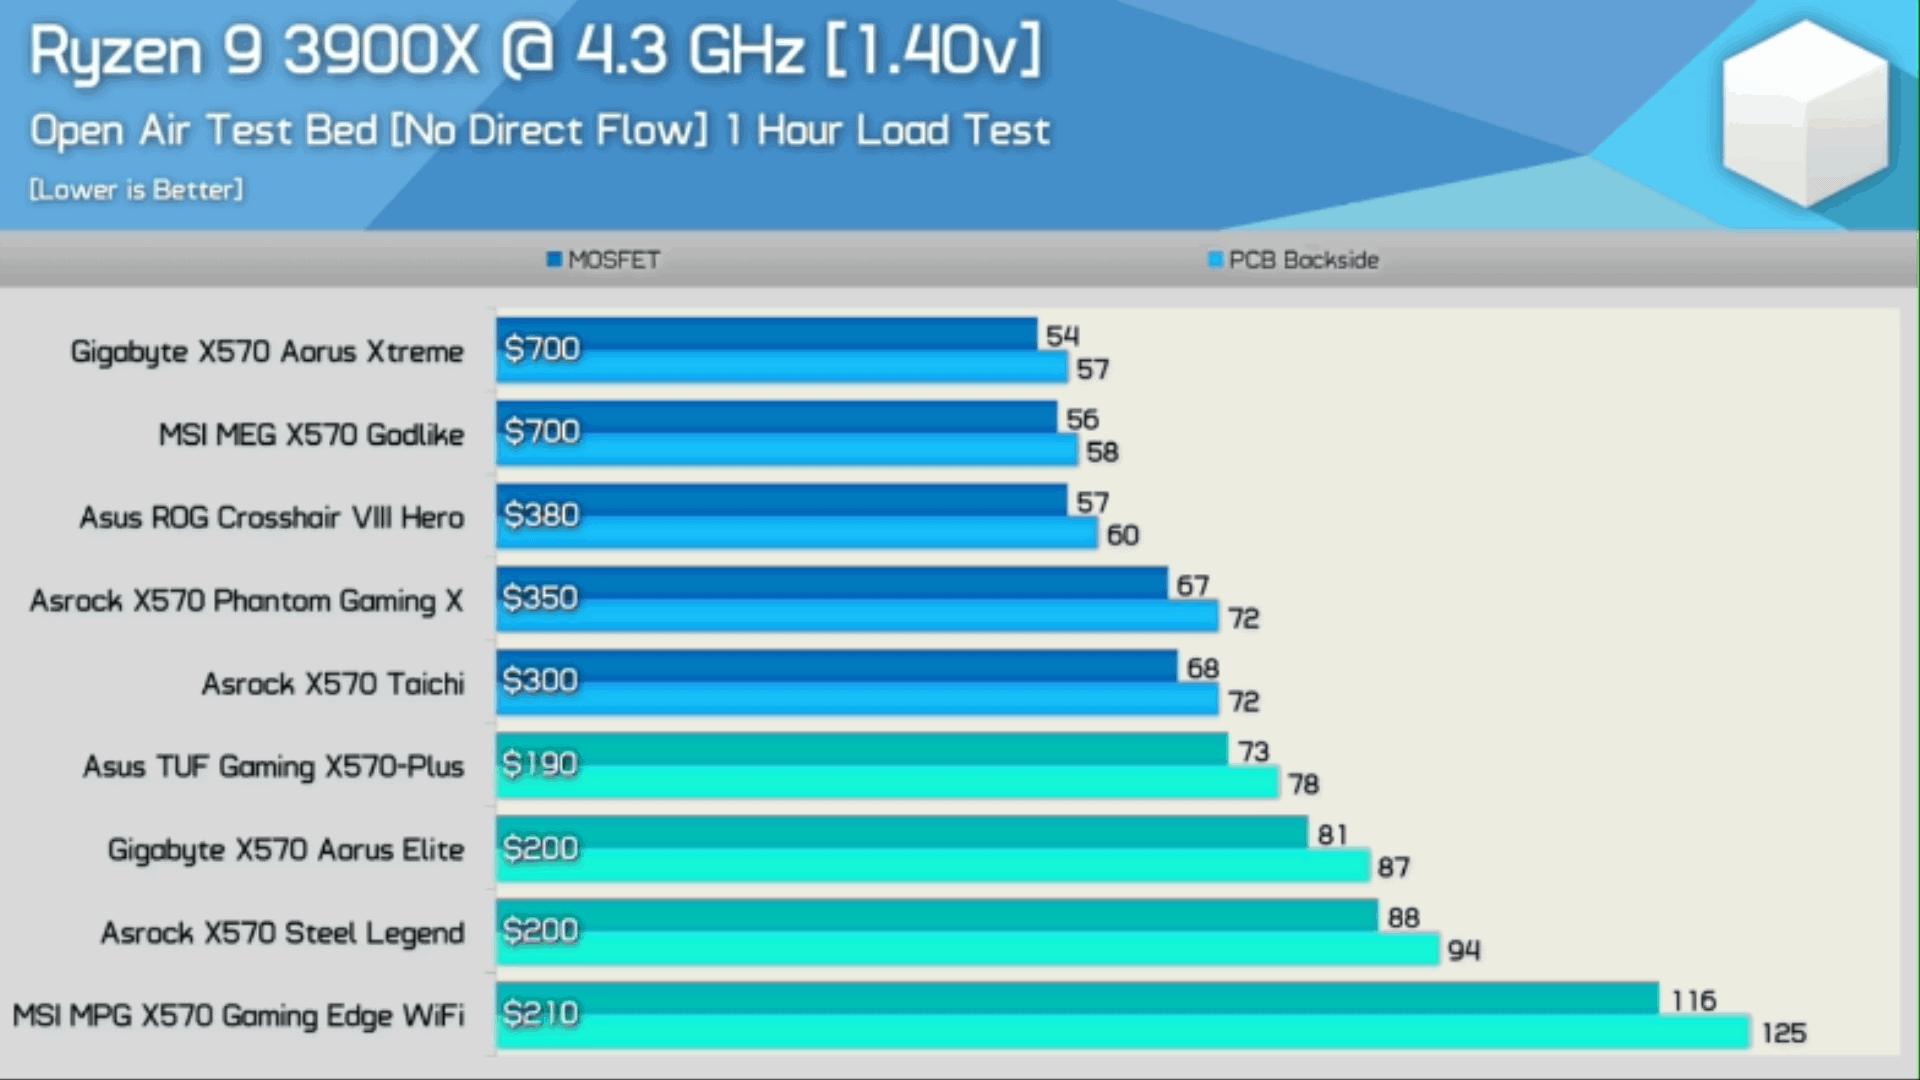 수동 4.3GHz 오버클럭 상태에서 전원부 온도 비교 / 에이수스가 가장 낮은 온도를 보였다 ⓒ 출처 - 하드웨어 언박스드